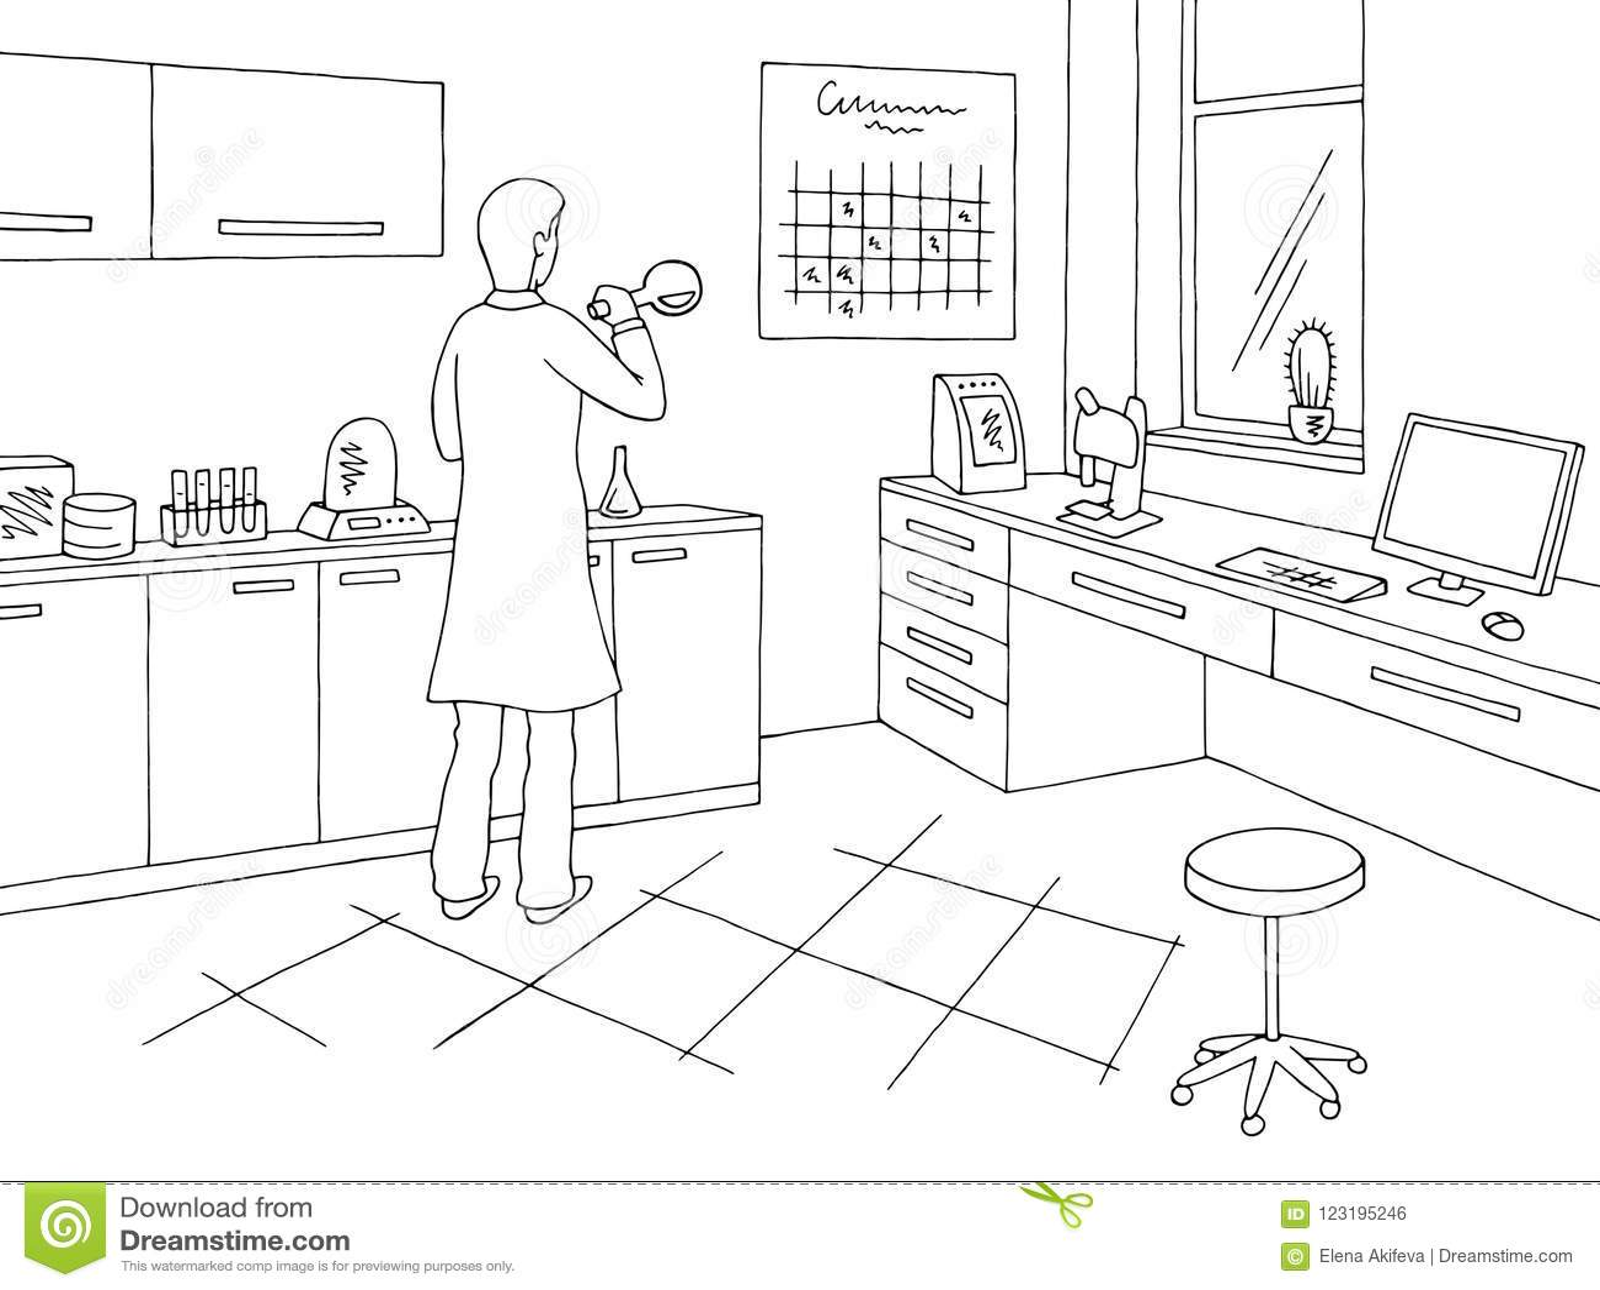 laboratory graphic black white interior sketch illustration vector